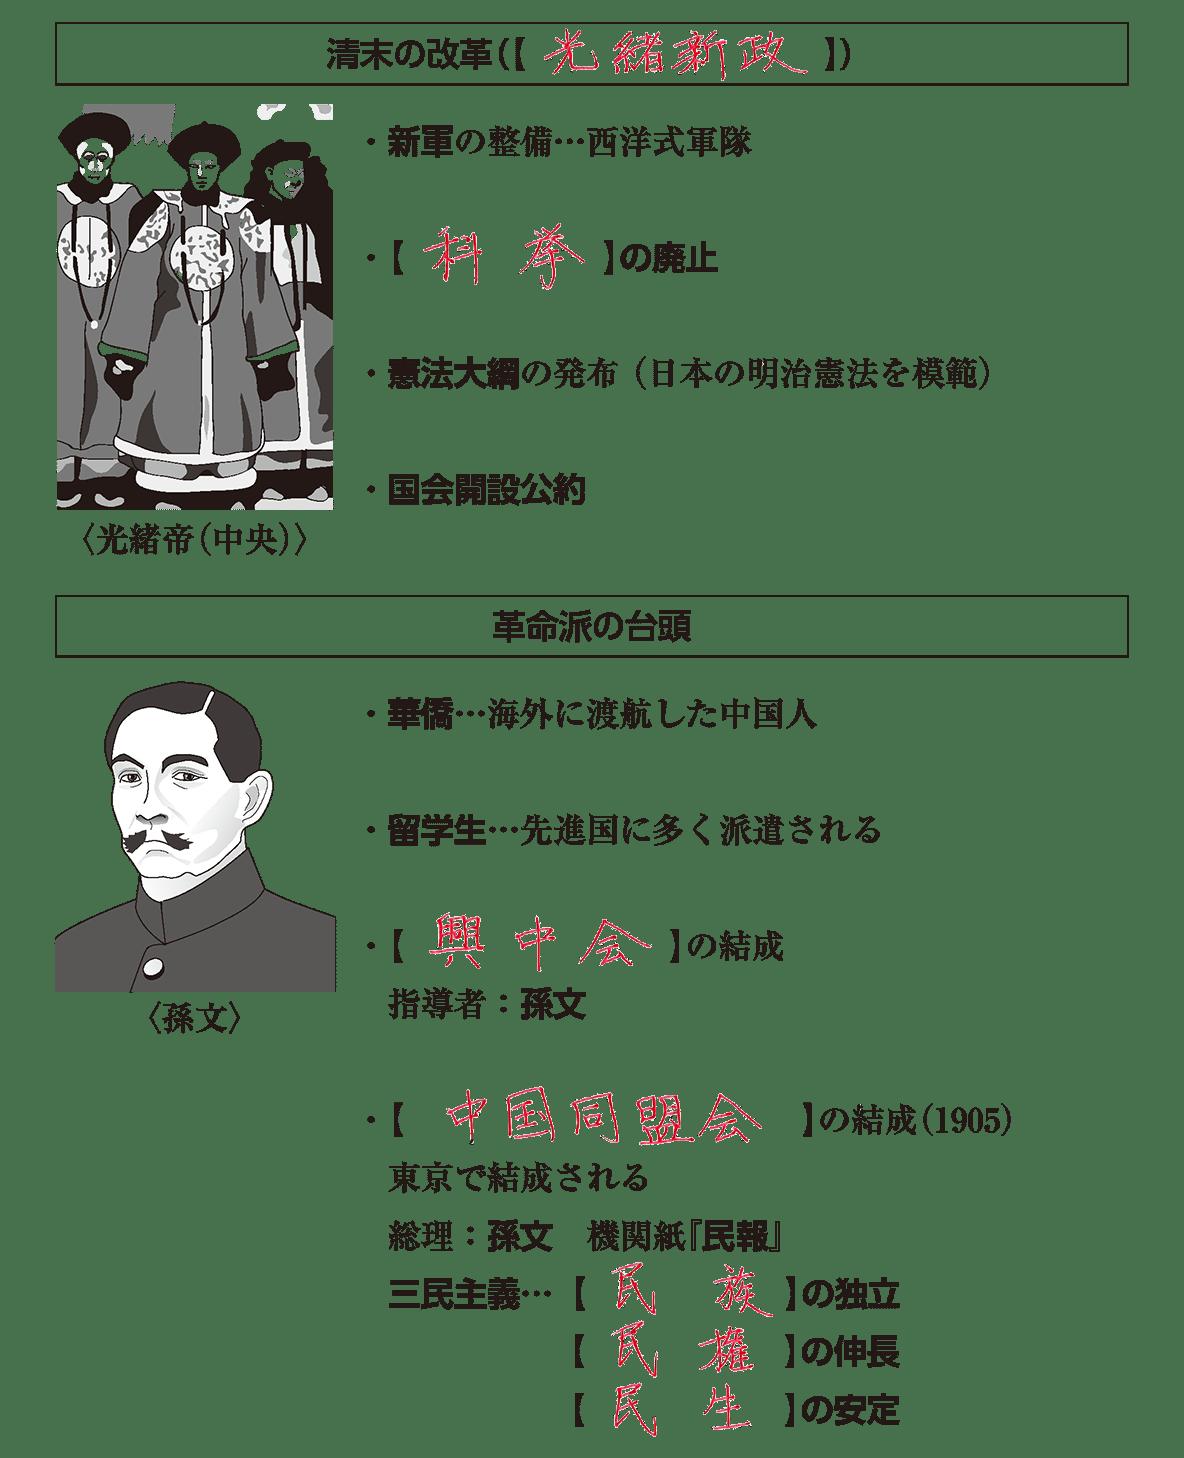 帝国主義と東アジア3 ポイント2 答え全部